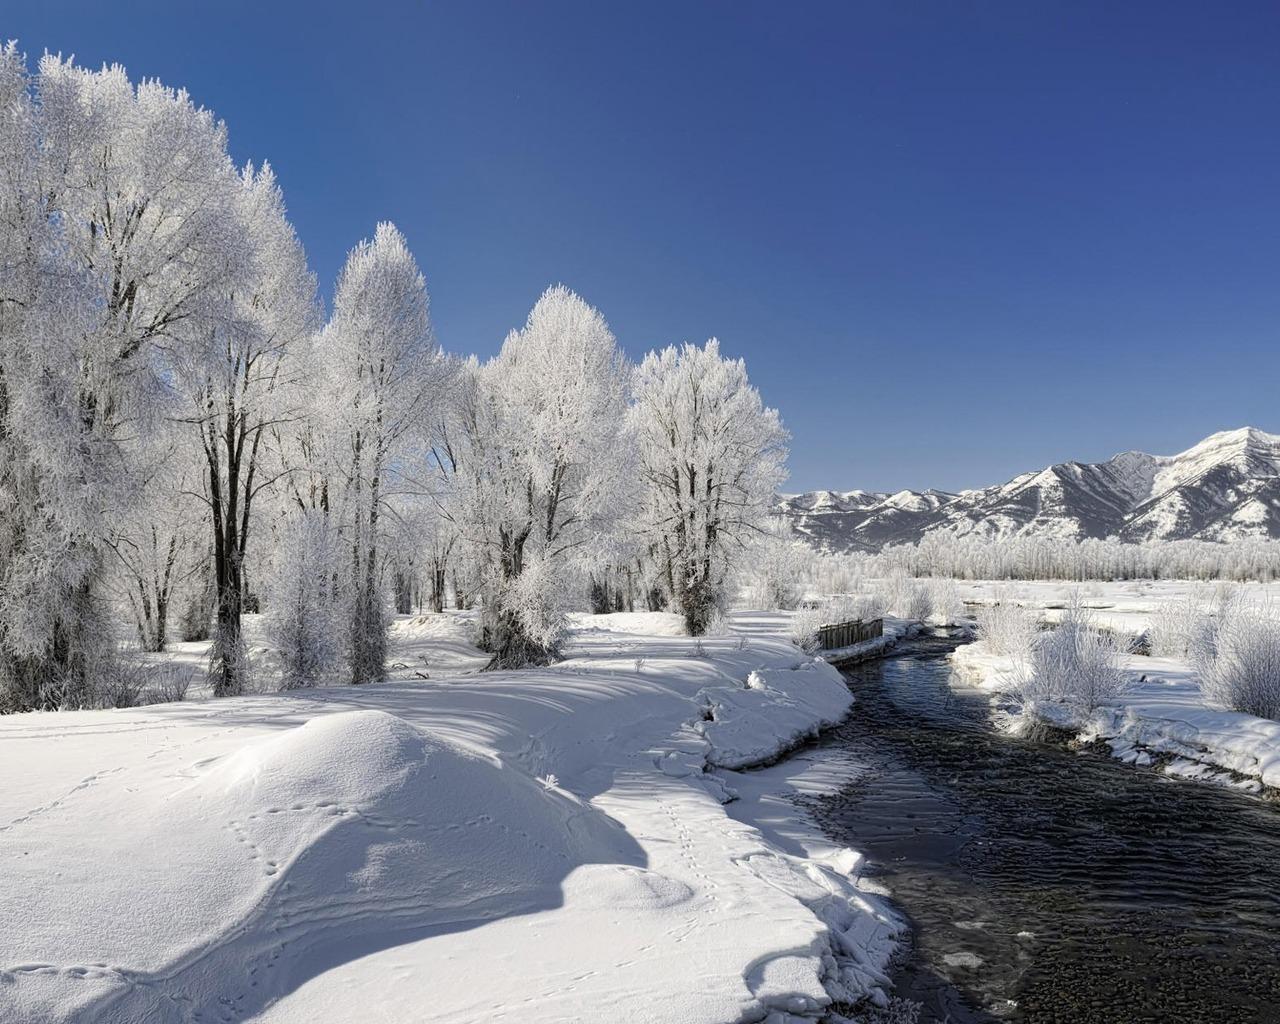 13804 скачать обои Пейзаж, Зима, Вода, Река, Снег - заставки и картинки бесплатно